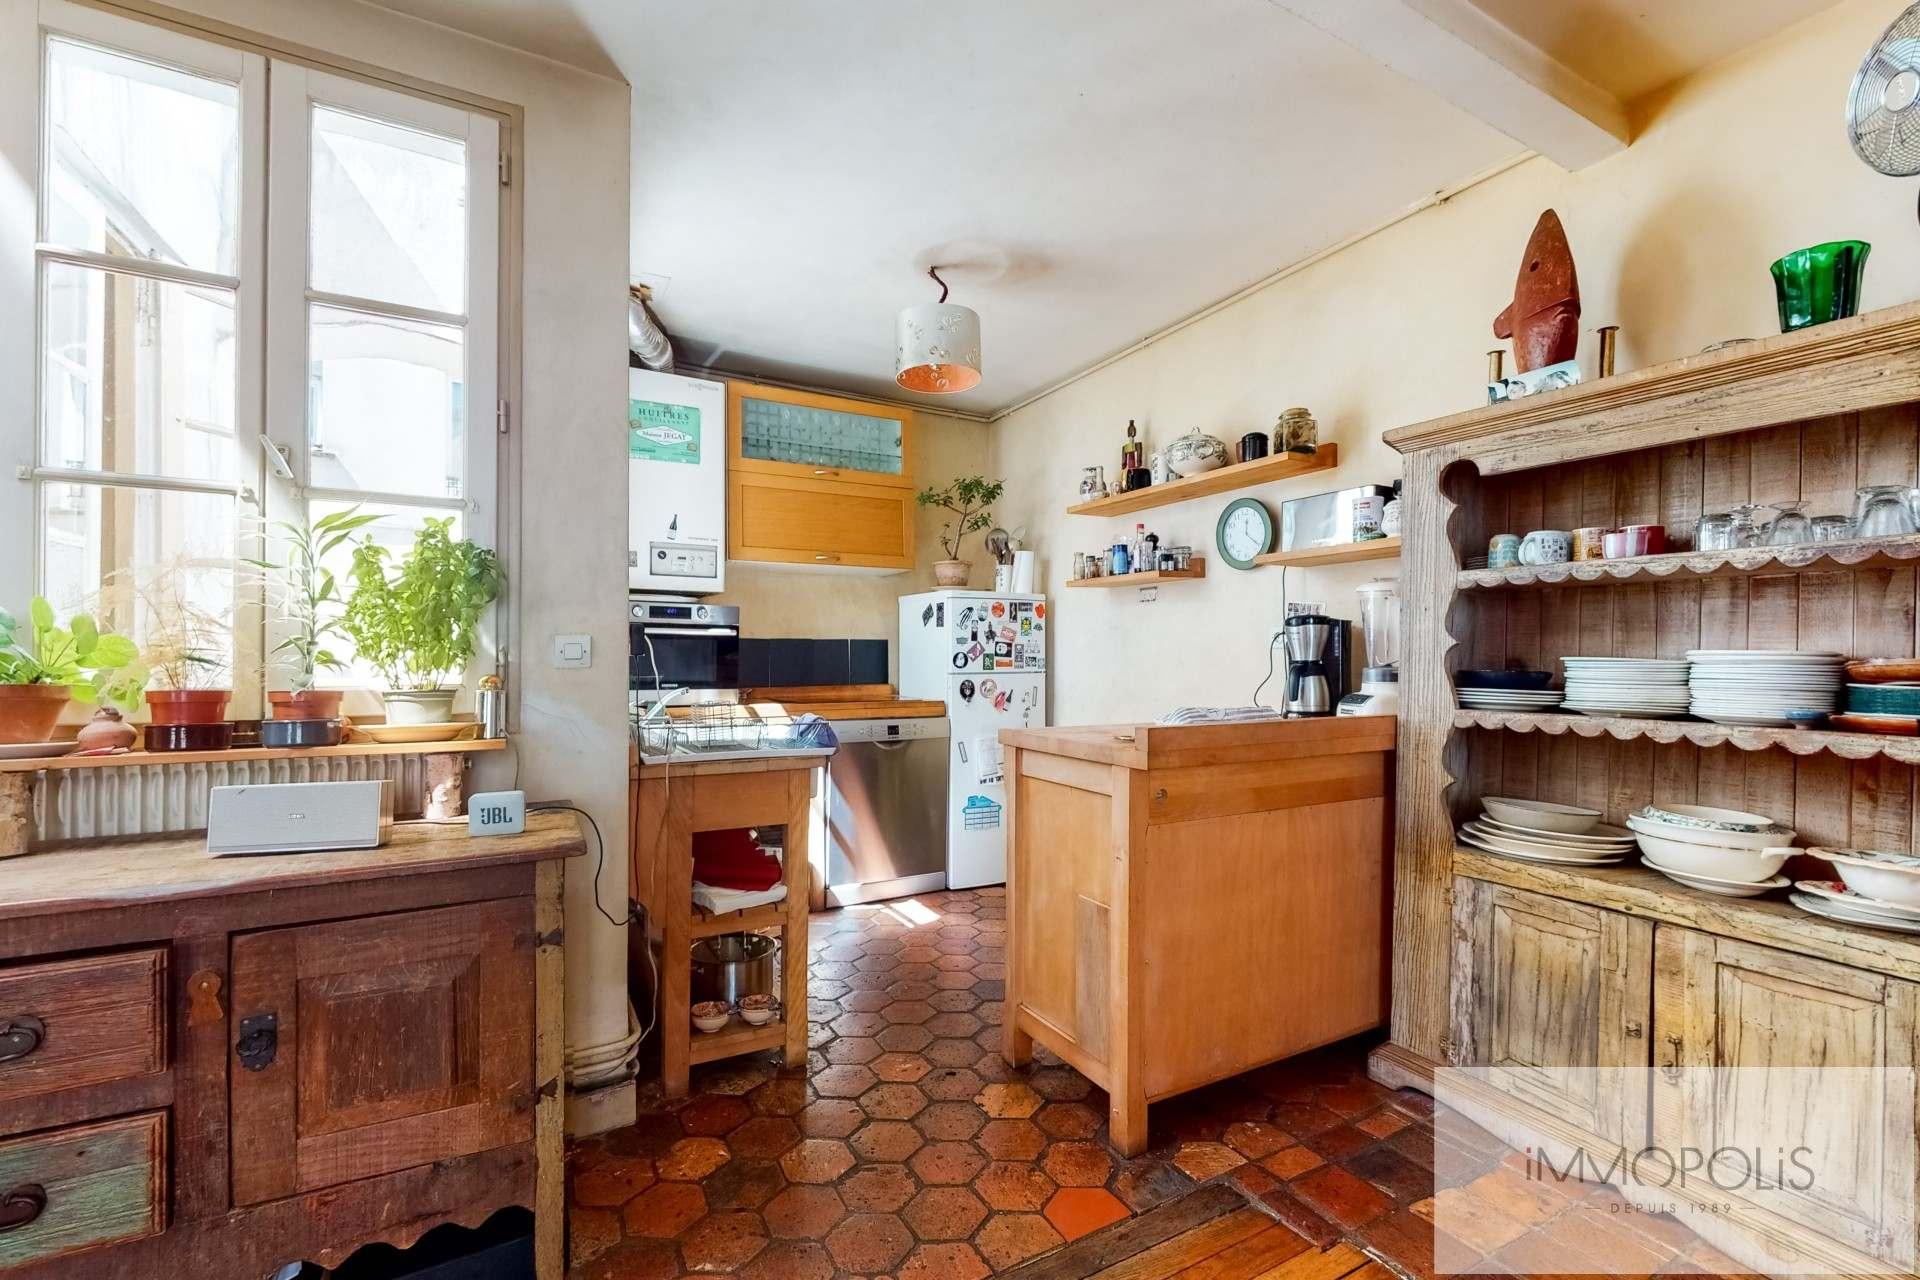 Appartement atypique à rénover, plein de charme, Rue Richard Lenoir – Paris XIème. 3